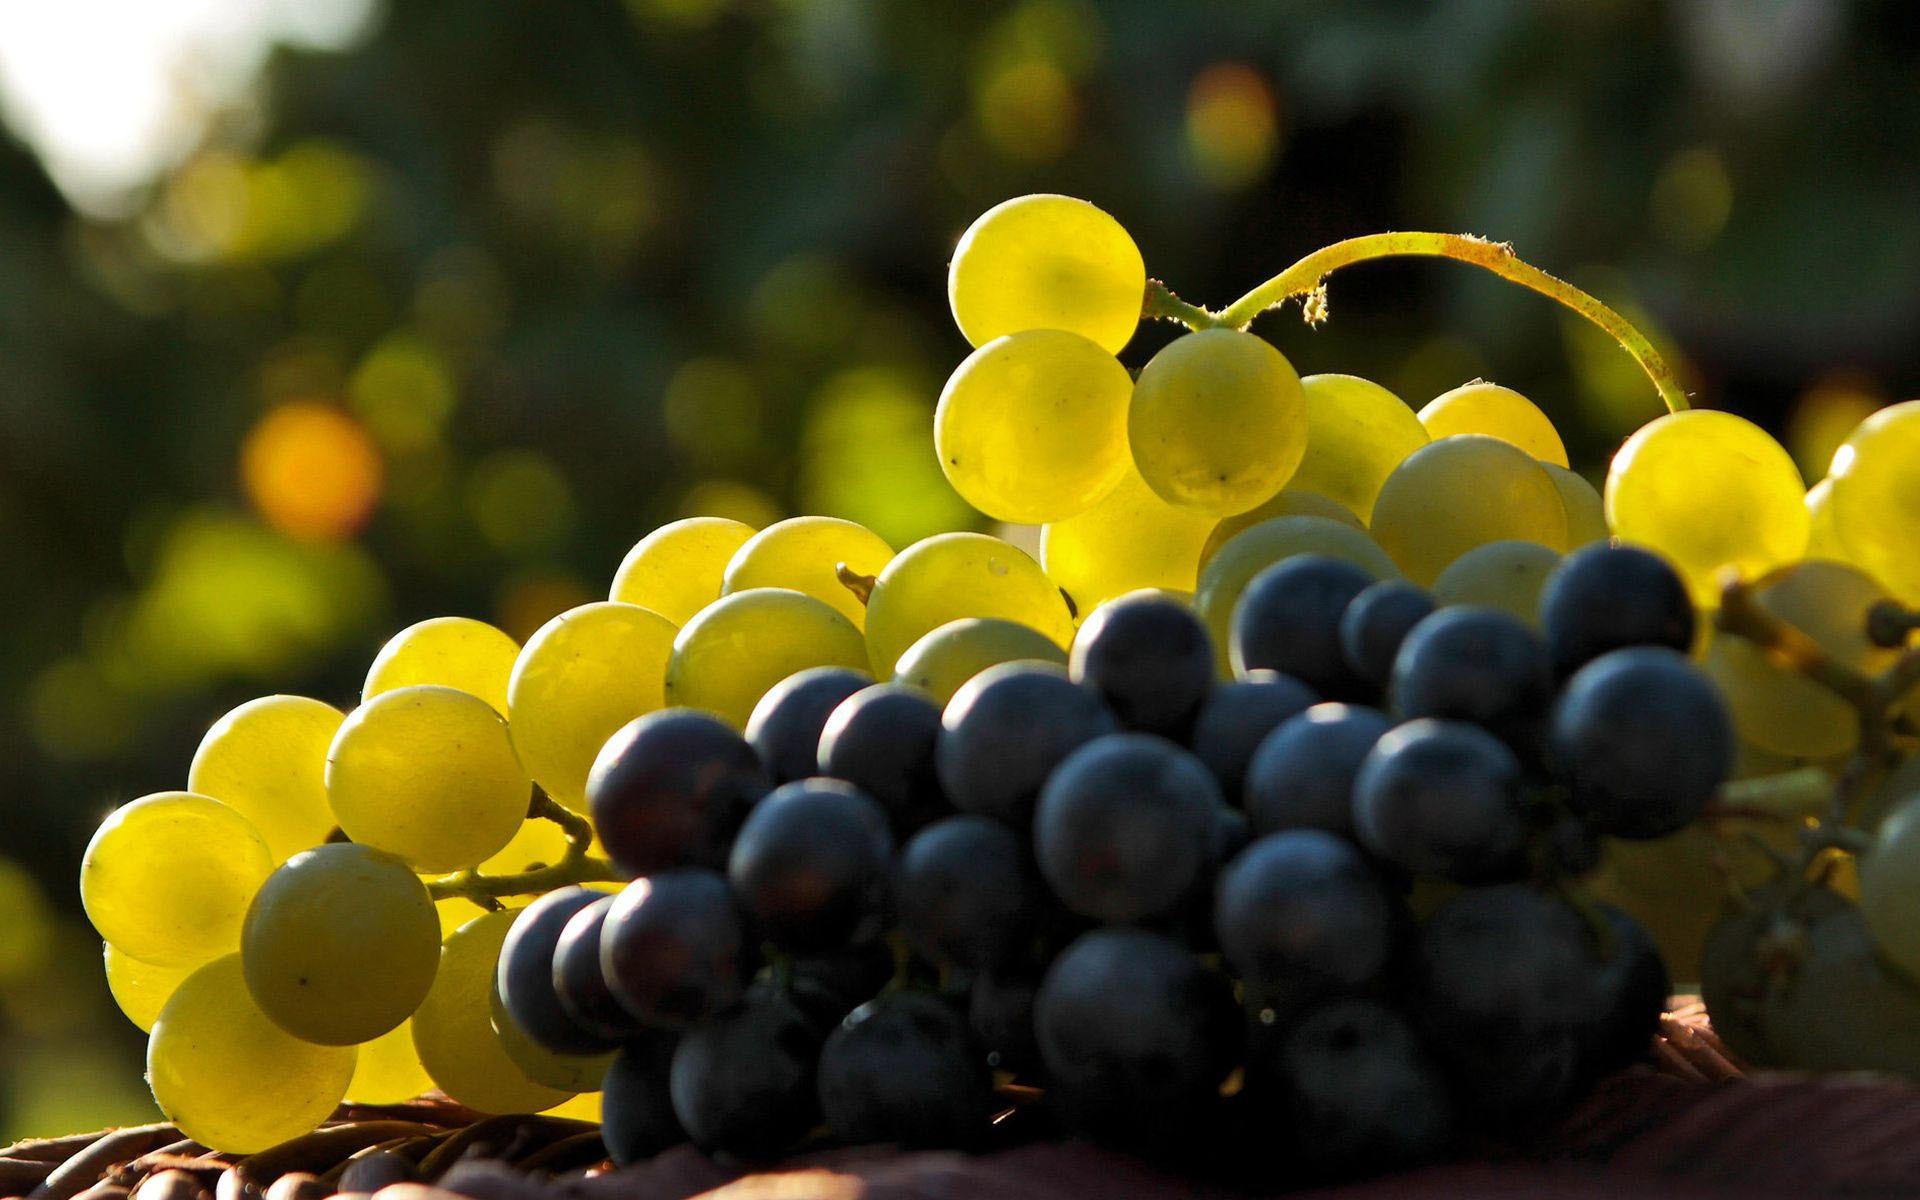 Экспортеры Афганистана продолжают увеличивать поставки винограда на индийский рынок